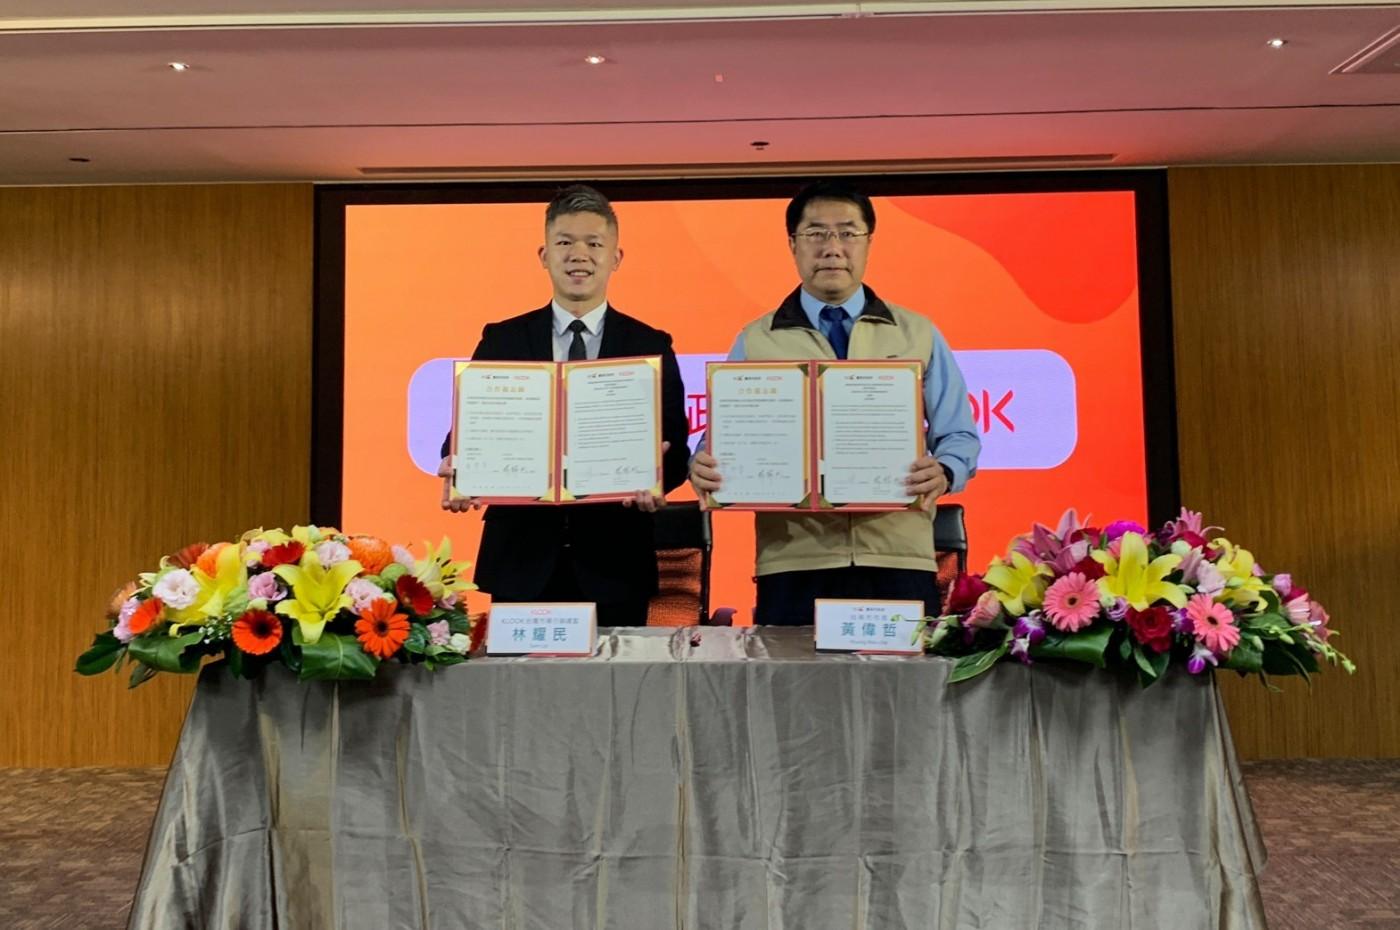 全國首創!KLOOK與台南市攜手輔導商家數位轉型!6月前上架百種在地旅遊商品